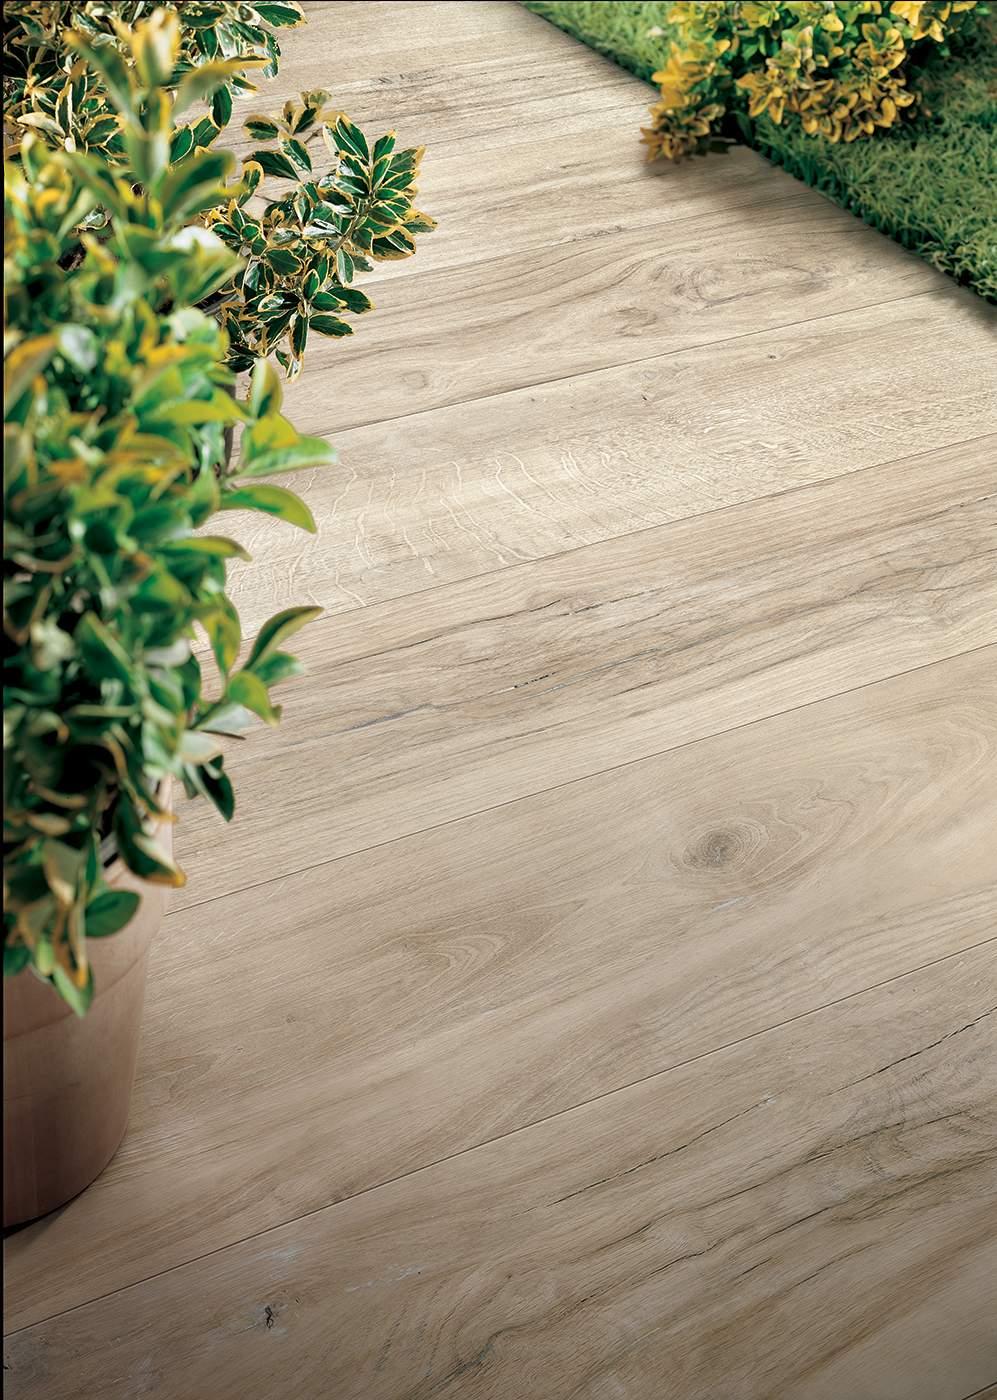 Vente de carreau imitation bois grande lame pour sol for Projet terrasse en 3d